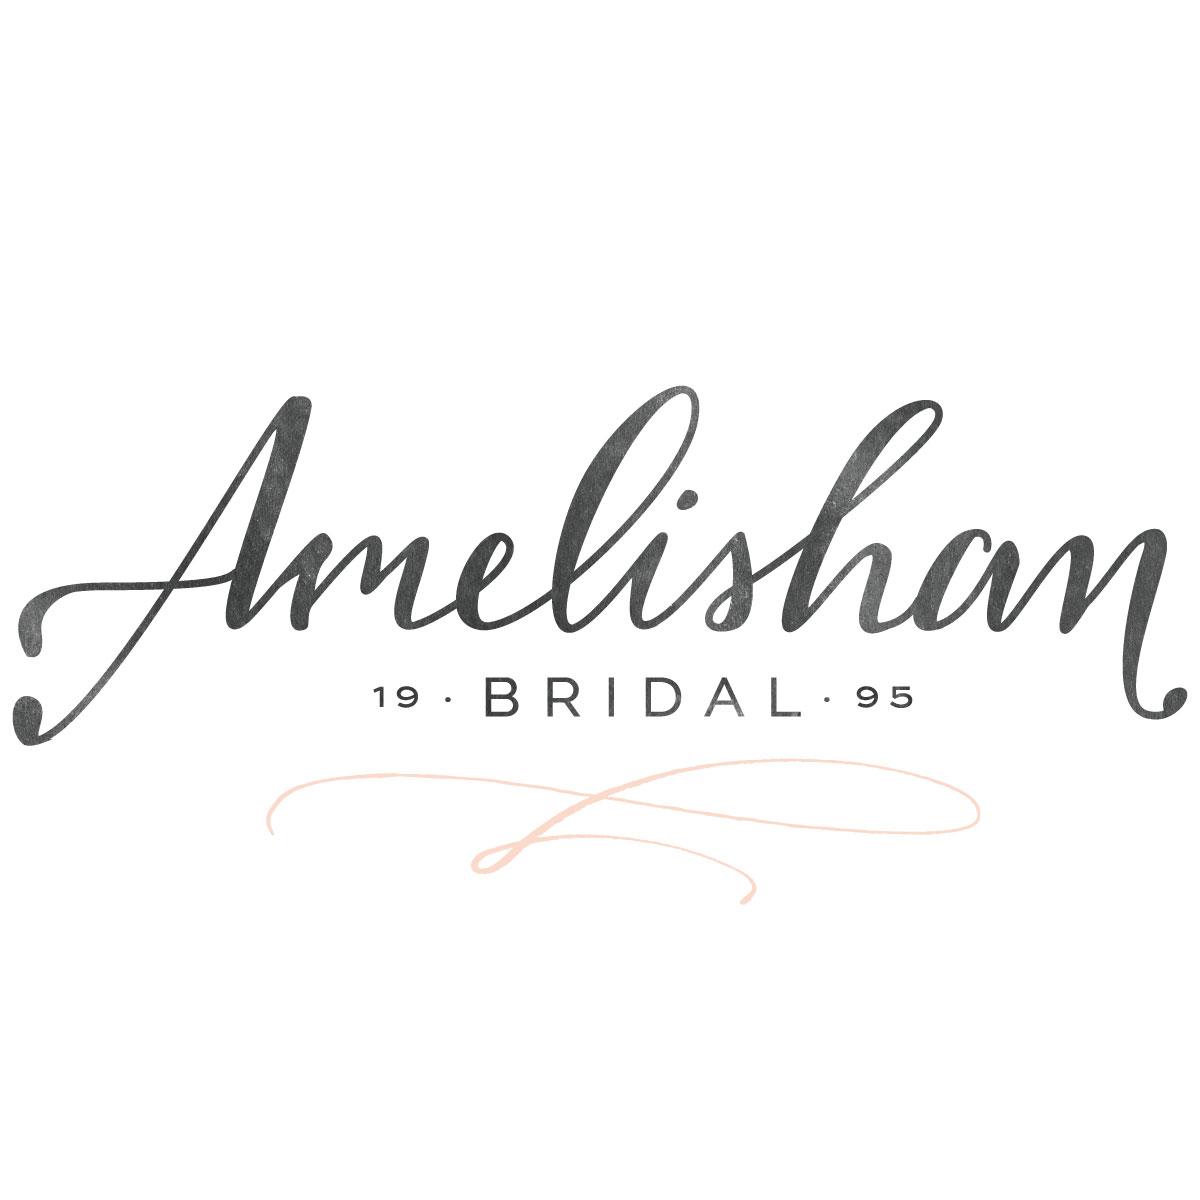 AmelishanBridal-PrimaryLogo.jpg